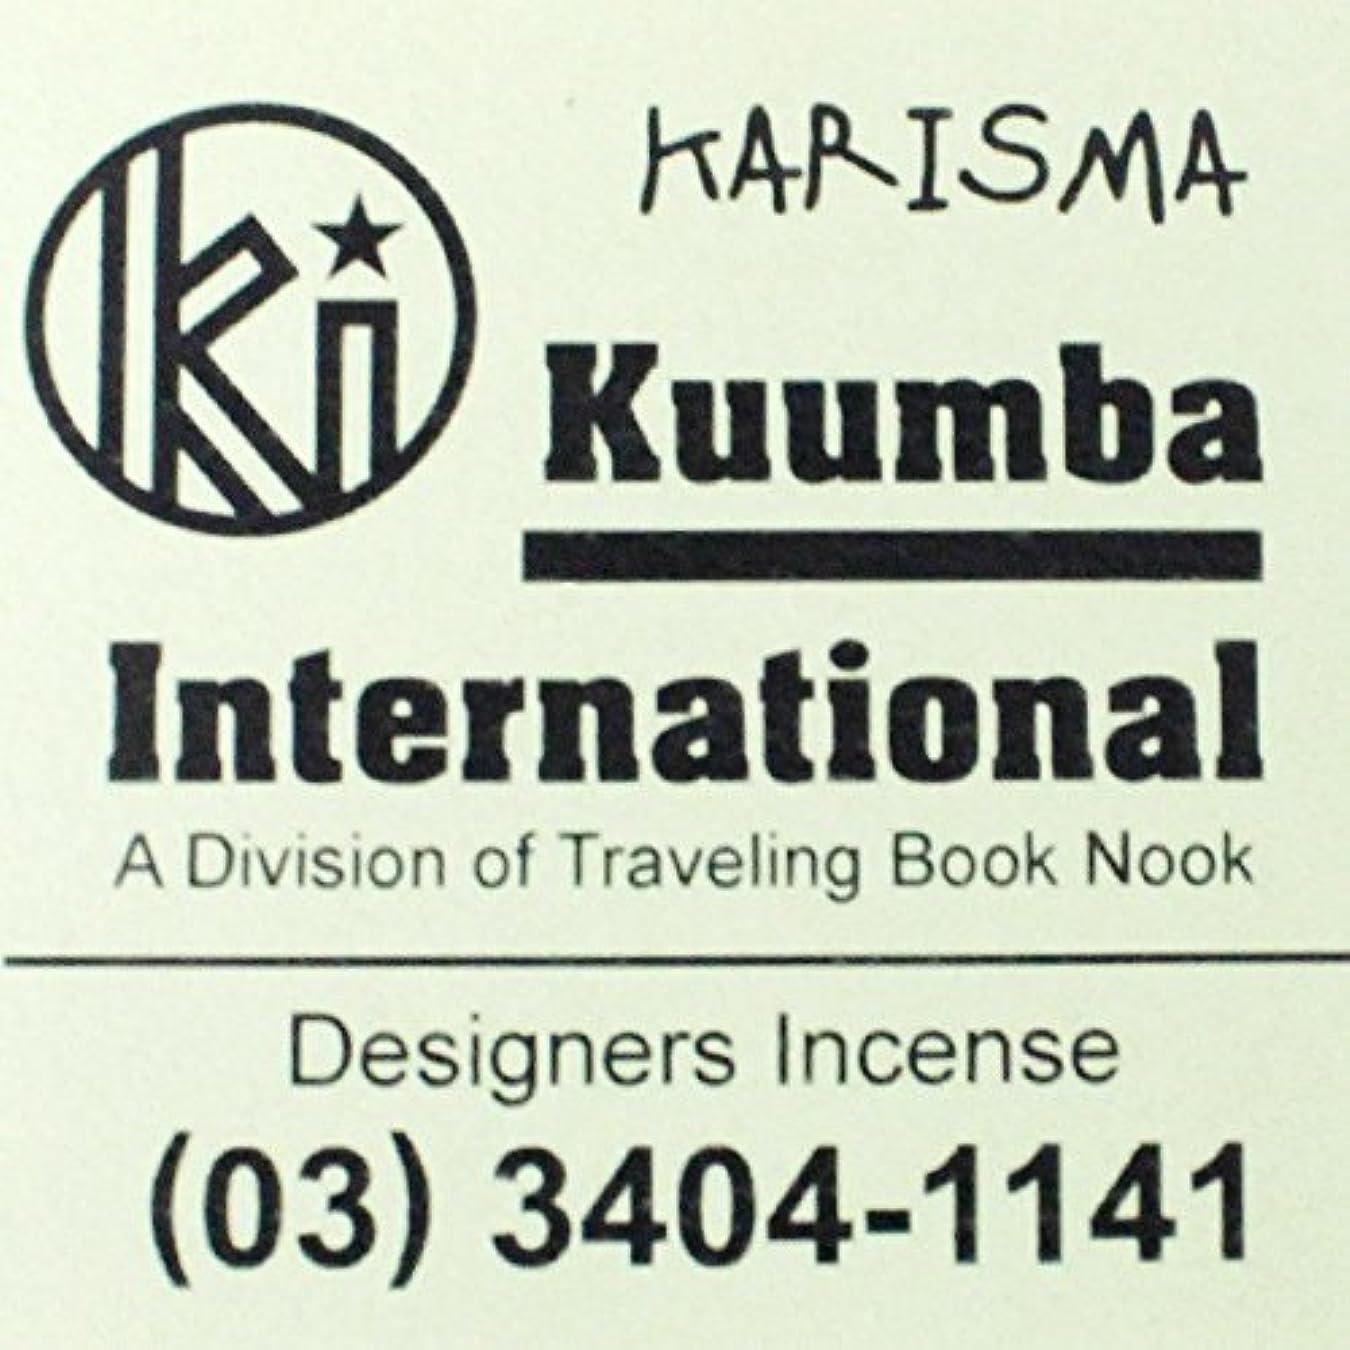 (クンバ) KUUMBA『incense』(KARISMA) (Regular size)